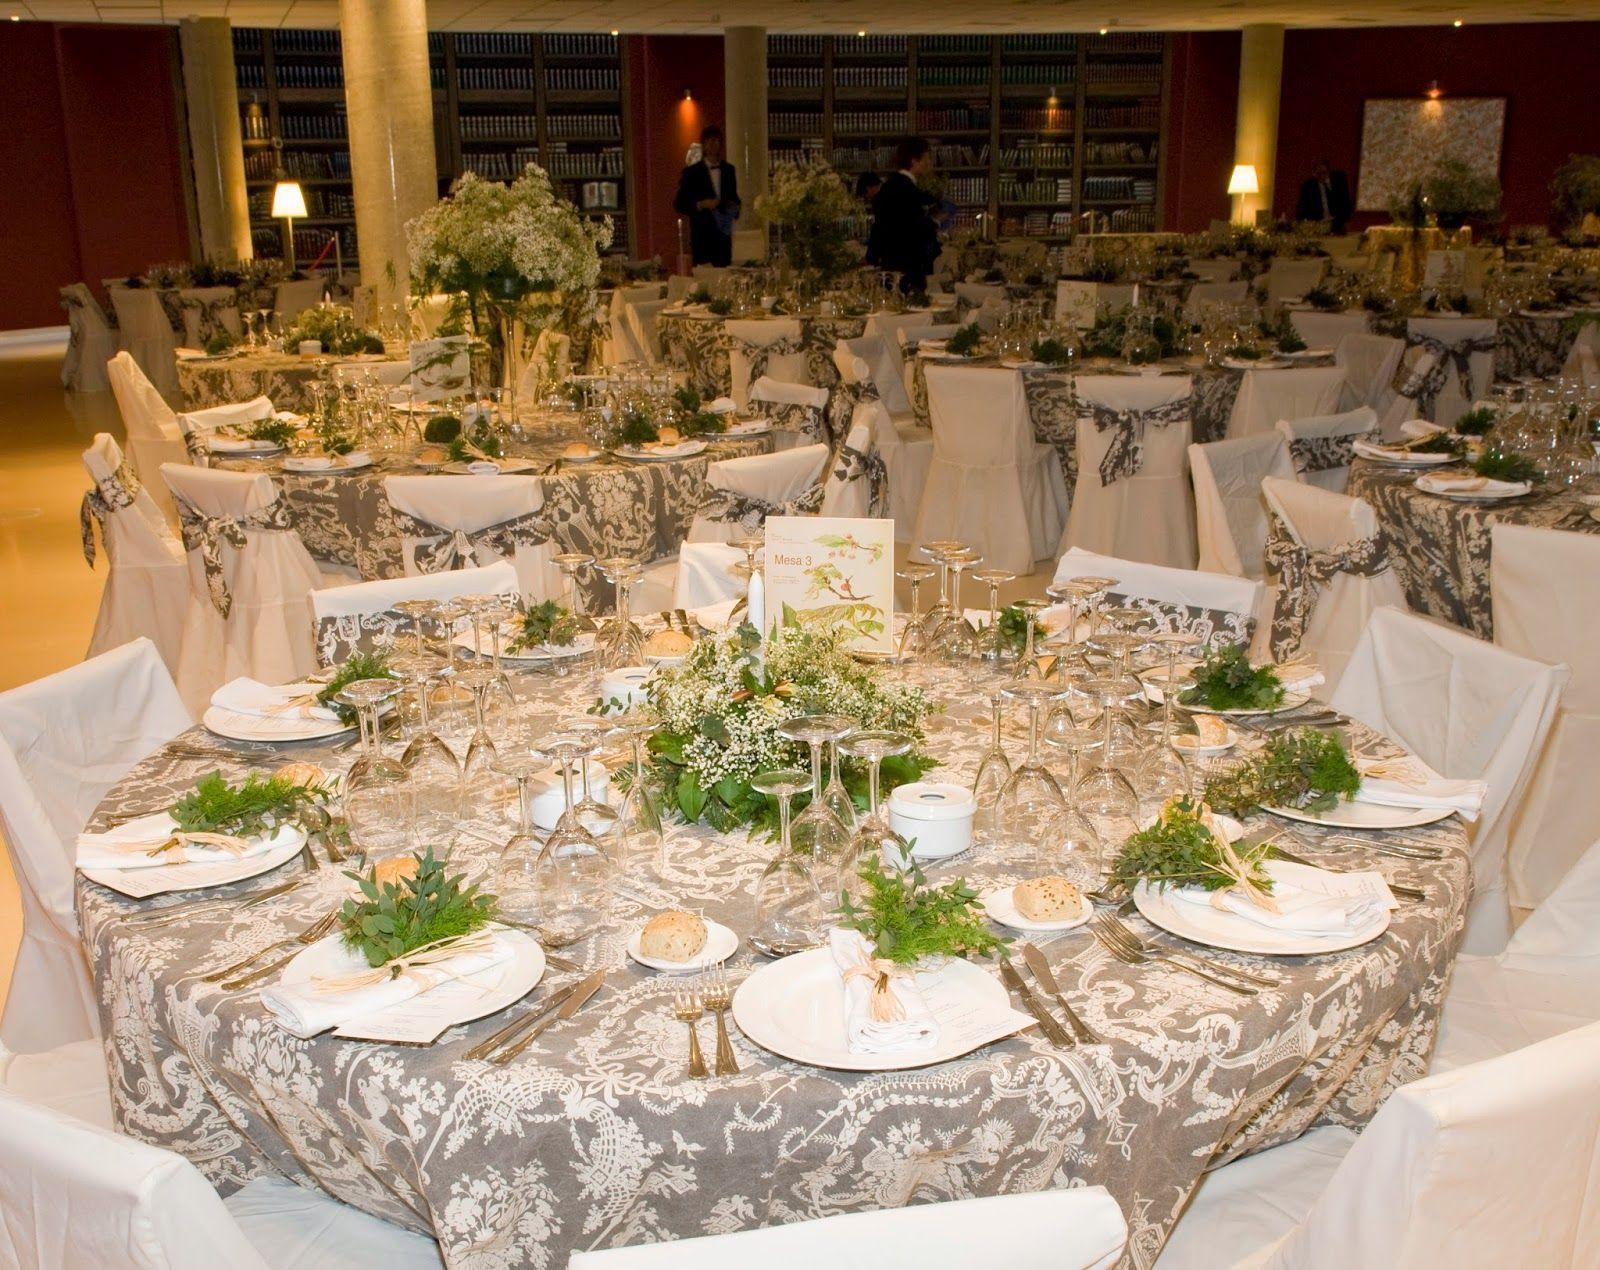 decoraci n elegante mesa de boda boda Pinterest